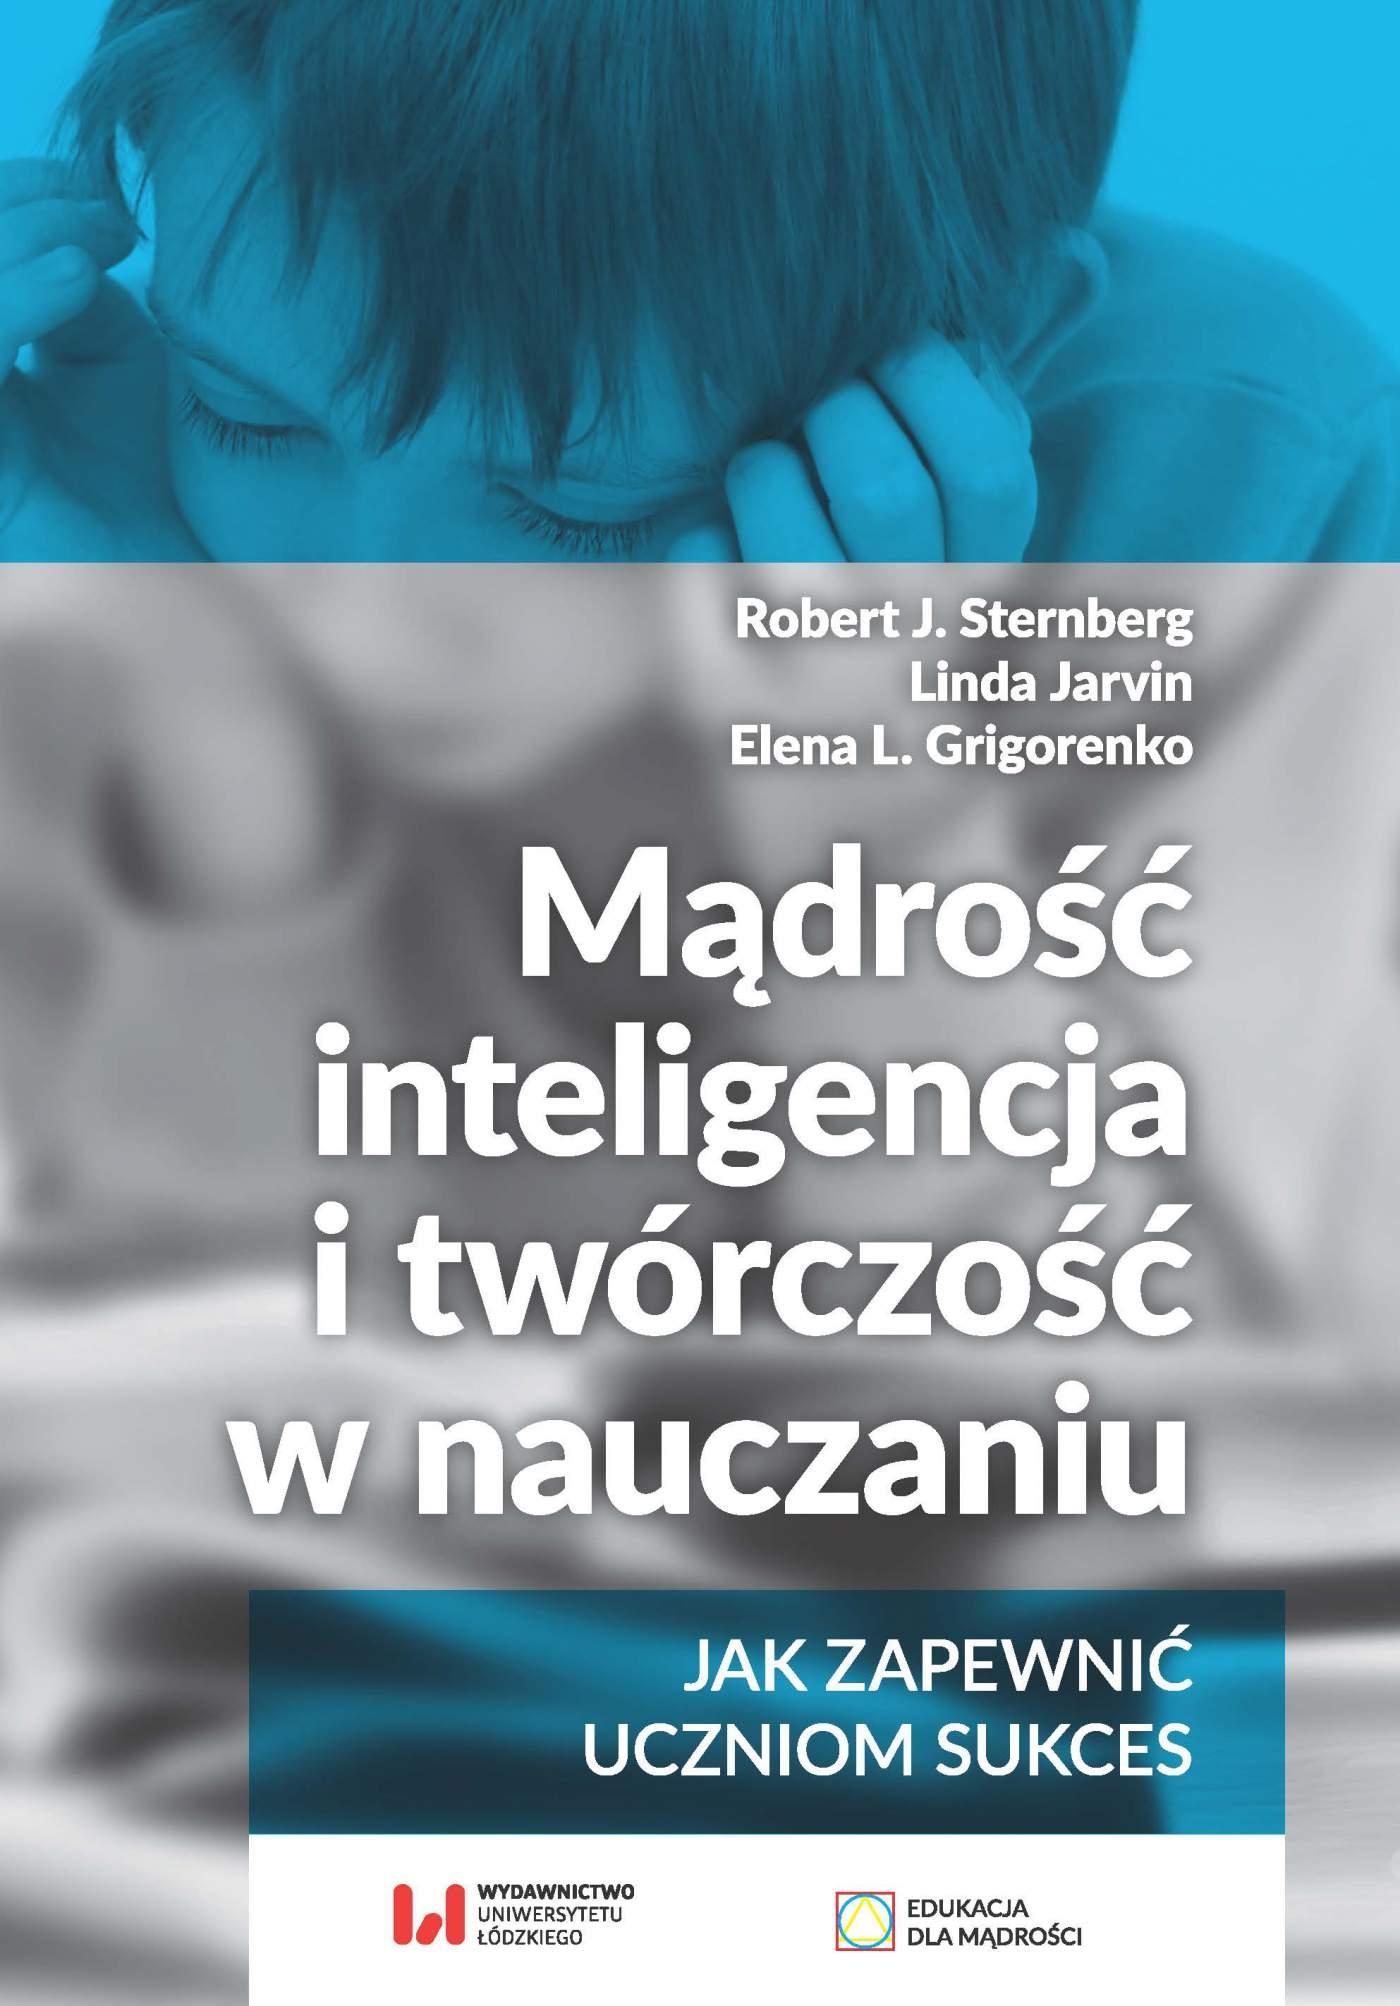 Mądrość, inteligencja i twórczość w nauczaniu. Jak zapewnić uczniom sukces - Ebook (Książka PDF) do pobrania w formacie PDF